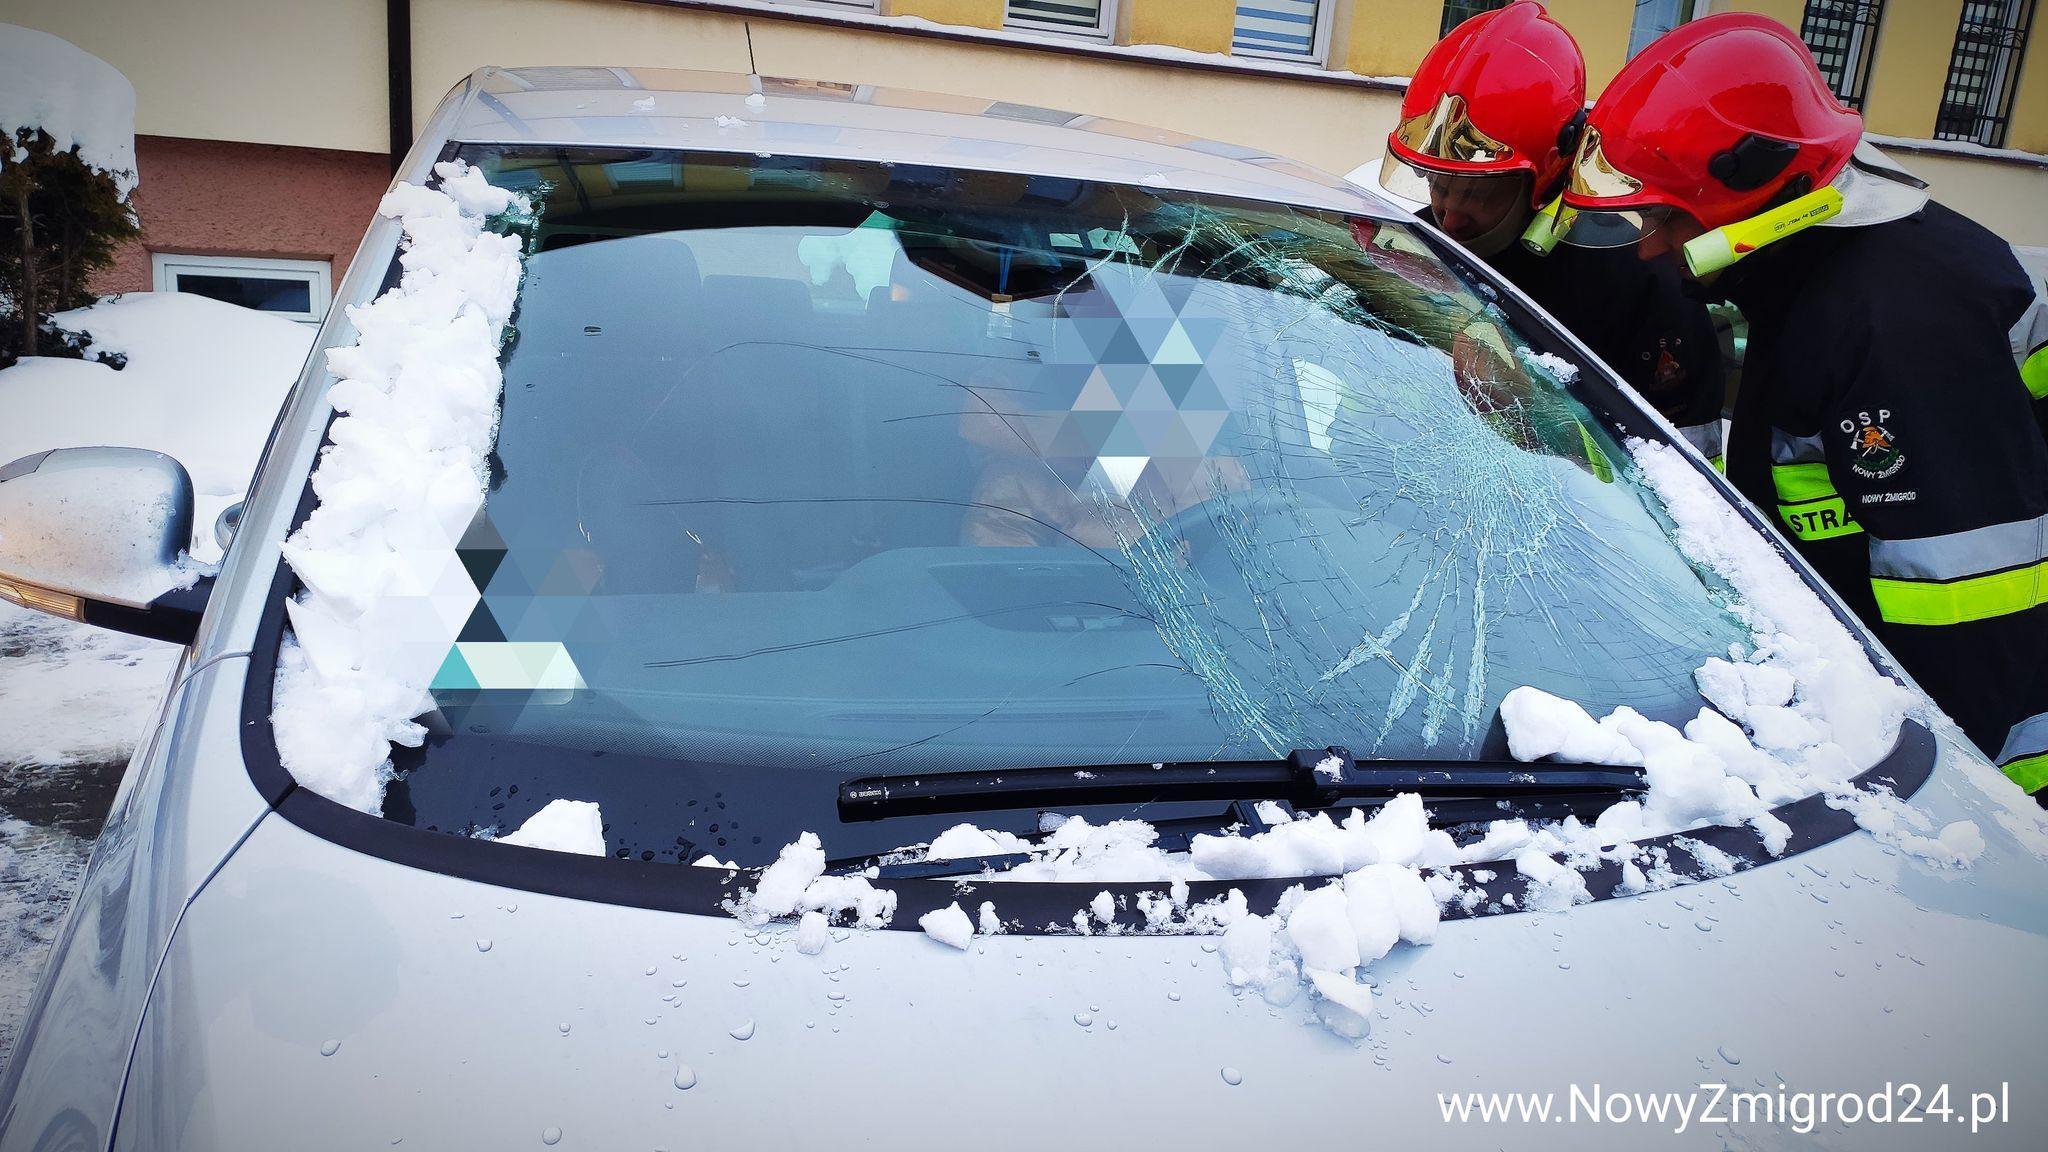 Spadający lód rozbił szybę - Zdjęcie główne